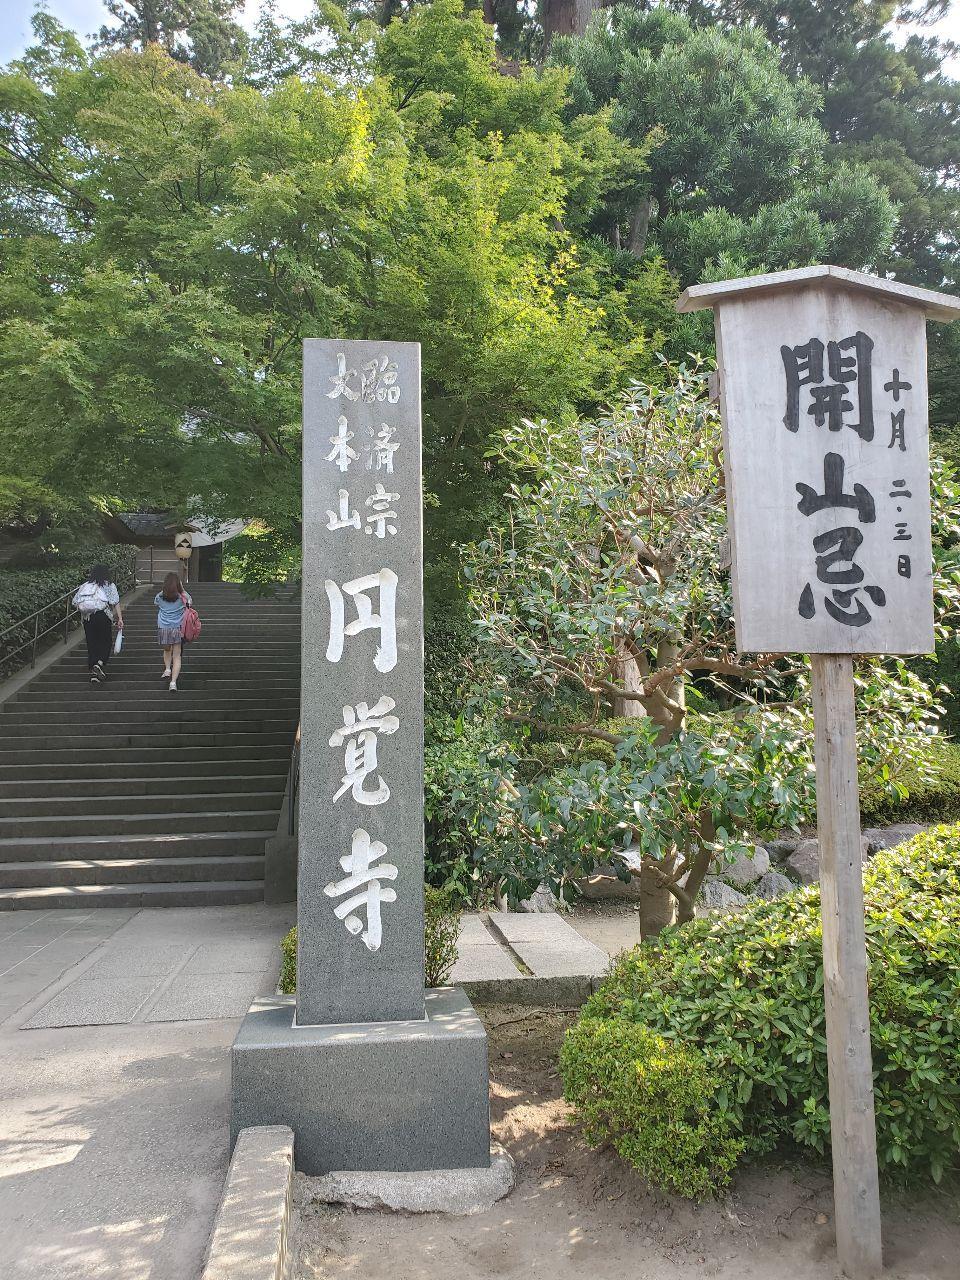 株・夢 & 日常会話、いろいろ 同じく 円覚寺